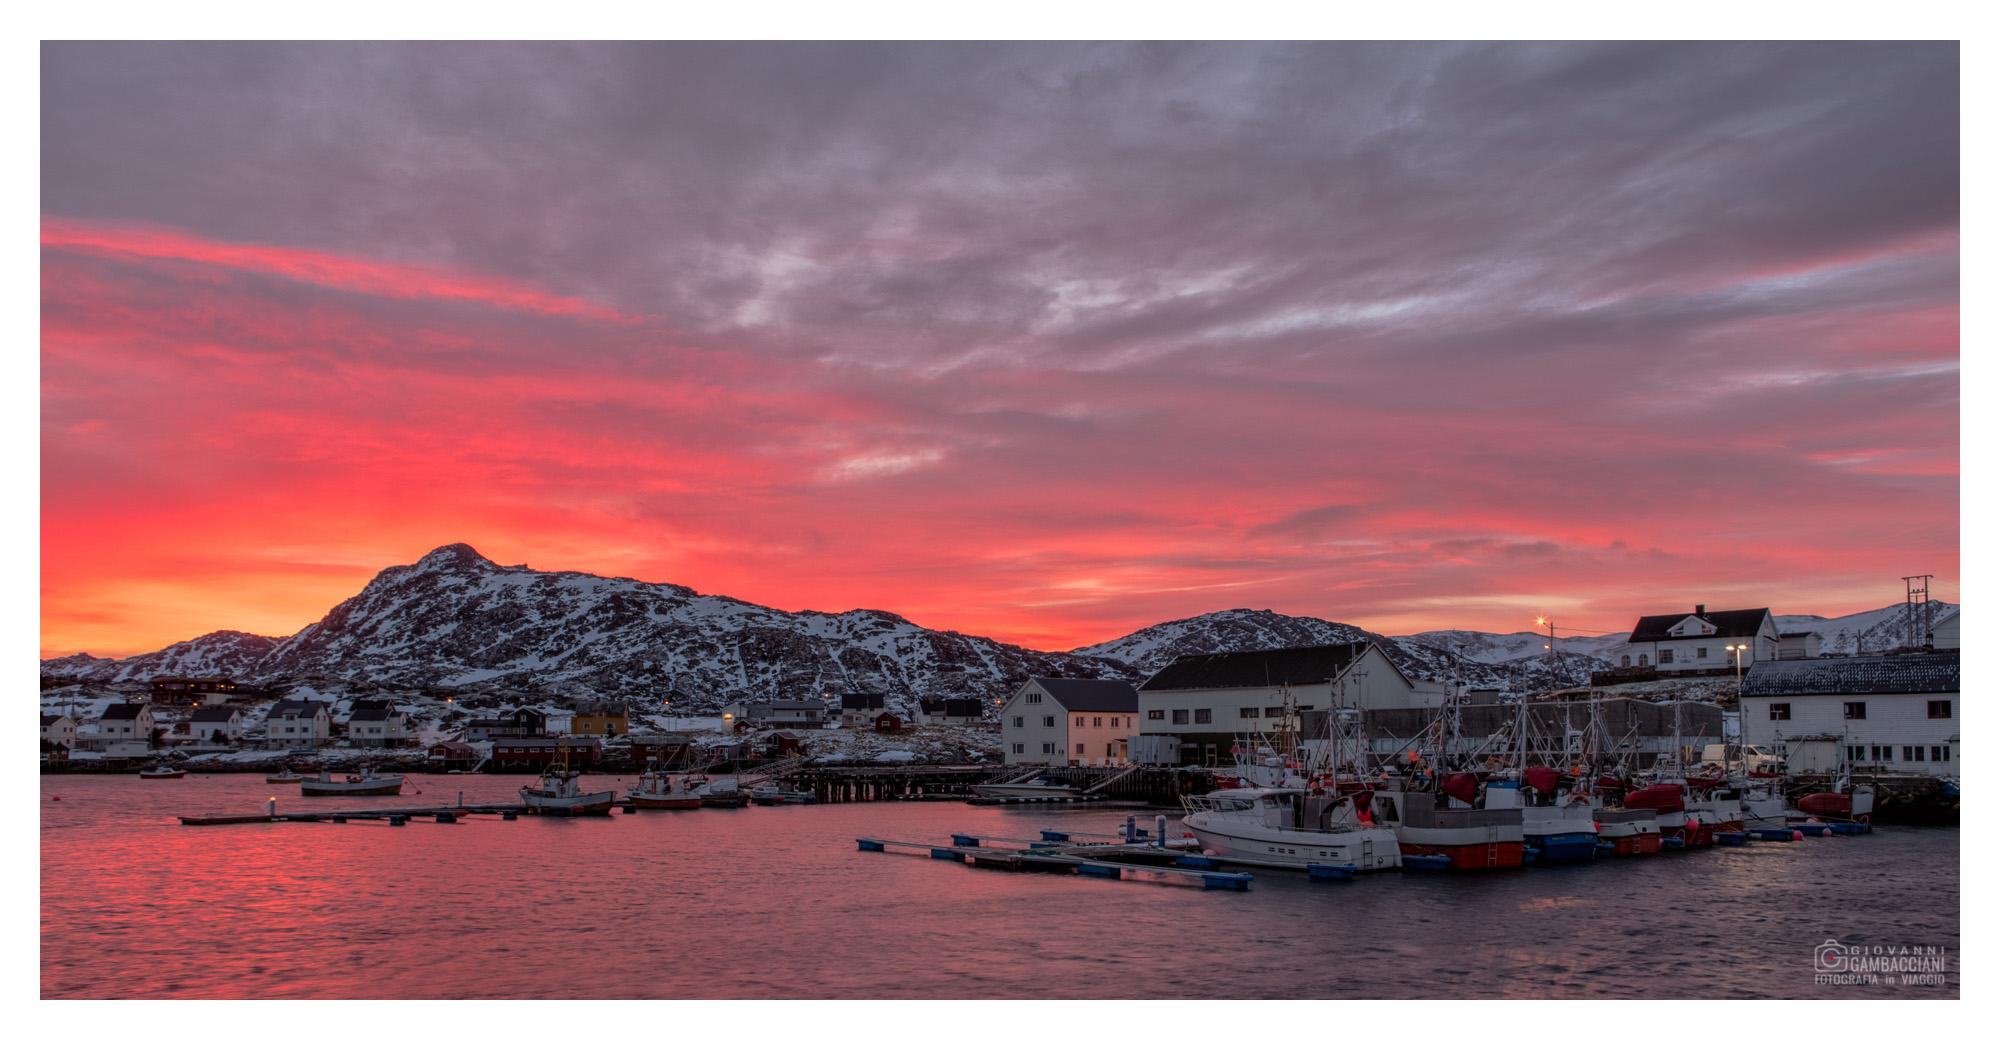 Viaggi di Gruppo  Y1A0624-HDR-Modifica [CONCLUSO] L'alba di Mezzogiorno a CapoNord: Da Sabato 20 a Sabato 27 Gennaio 2018